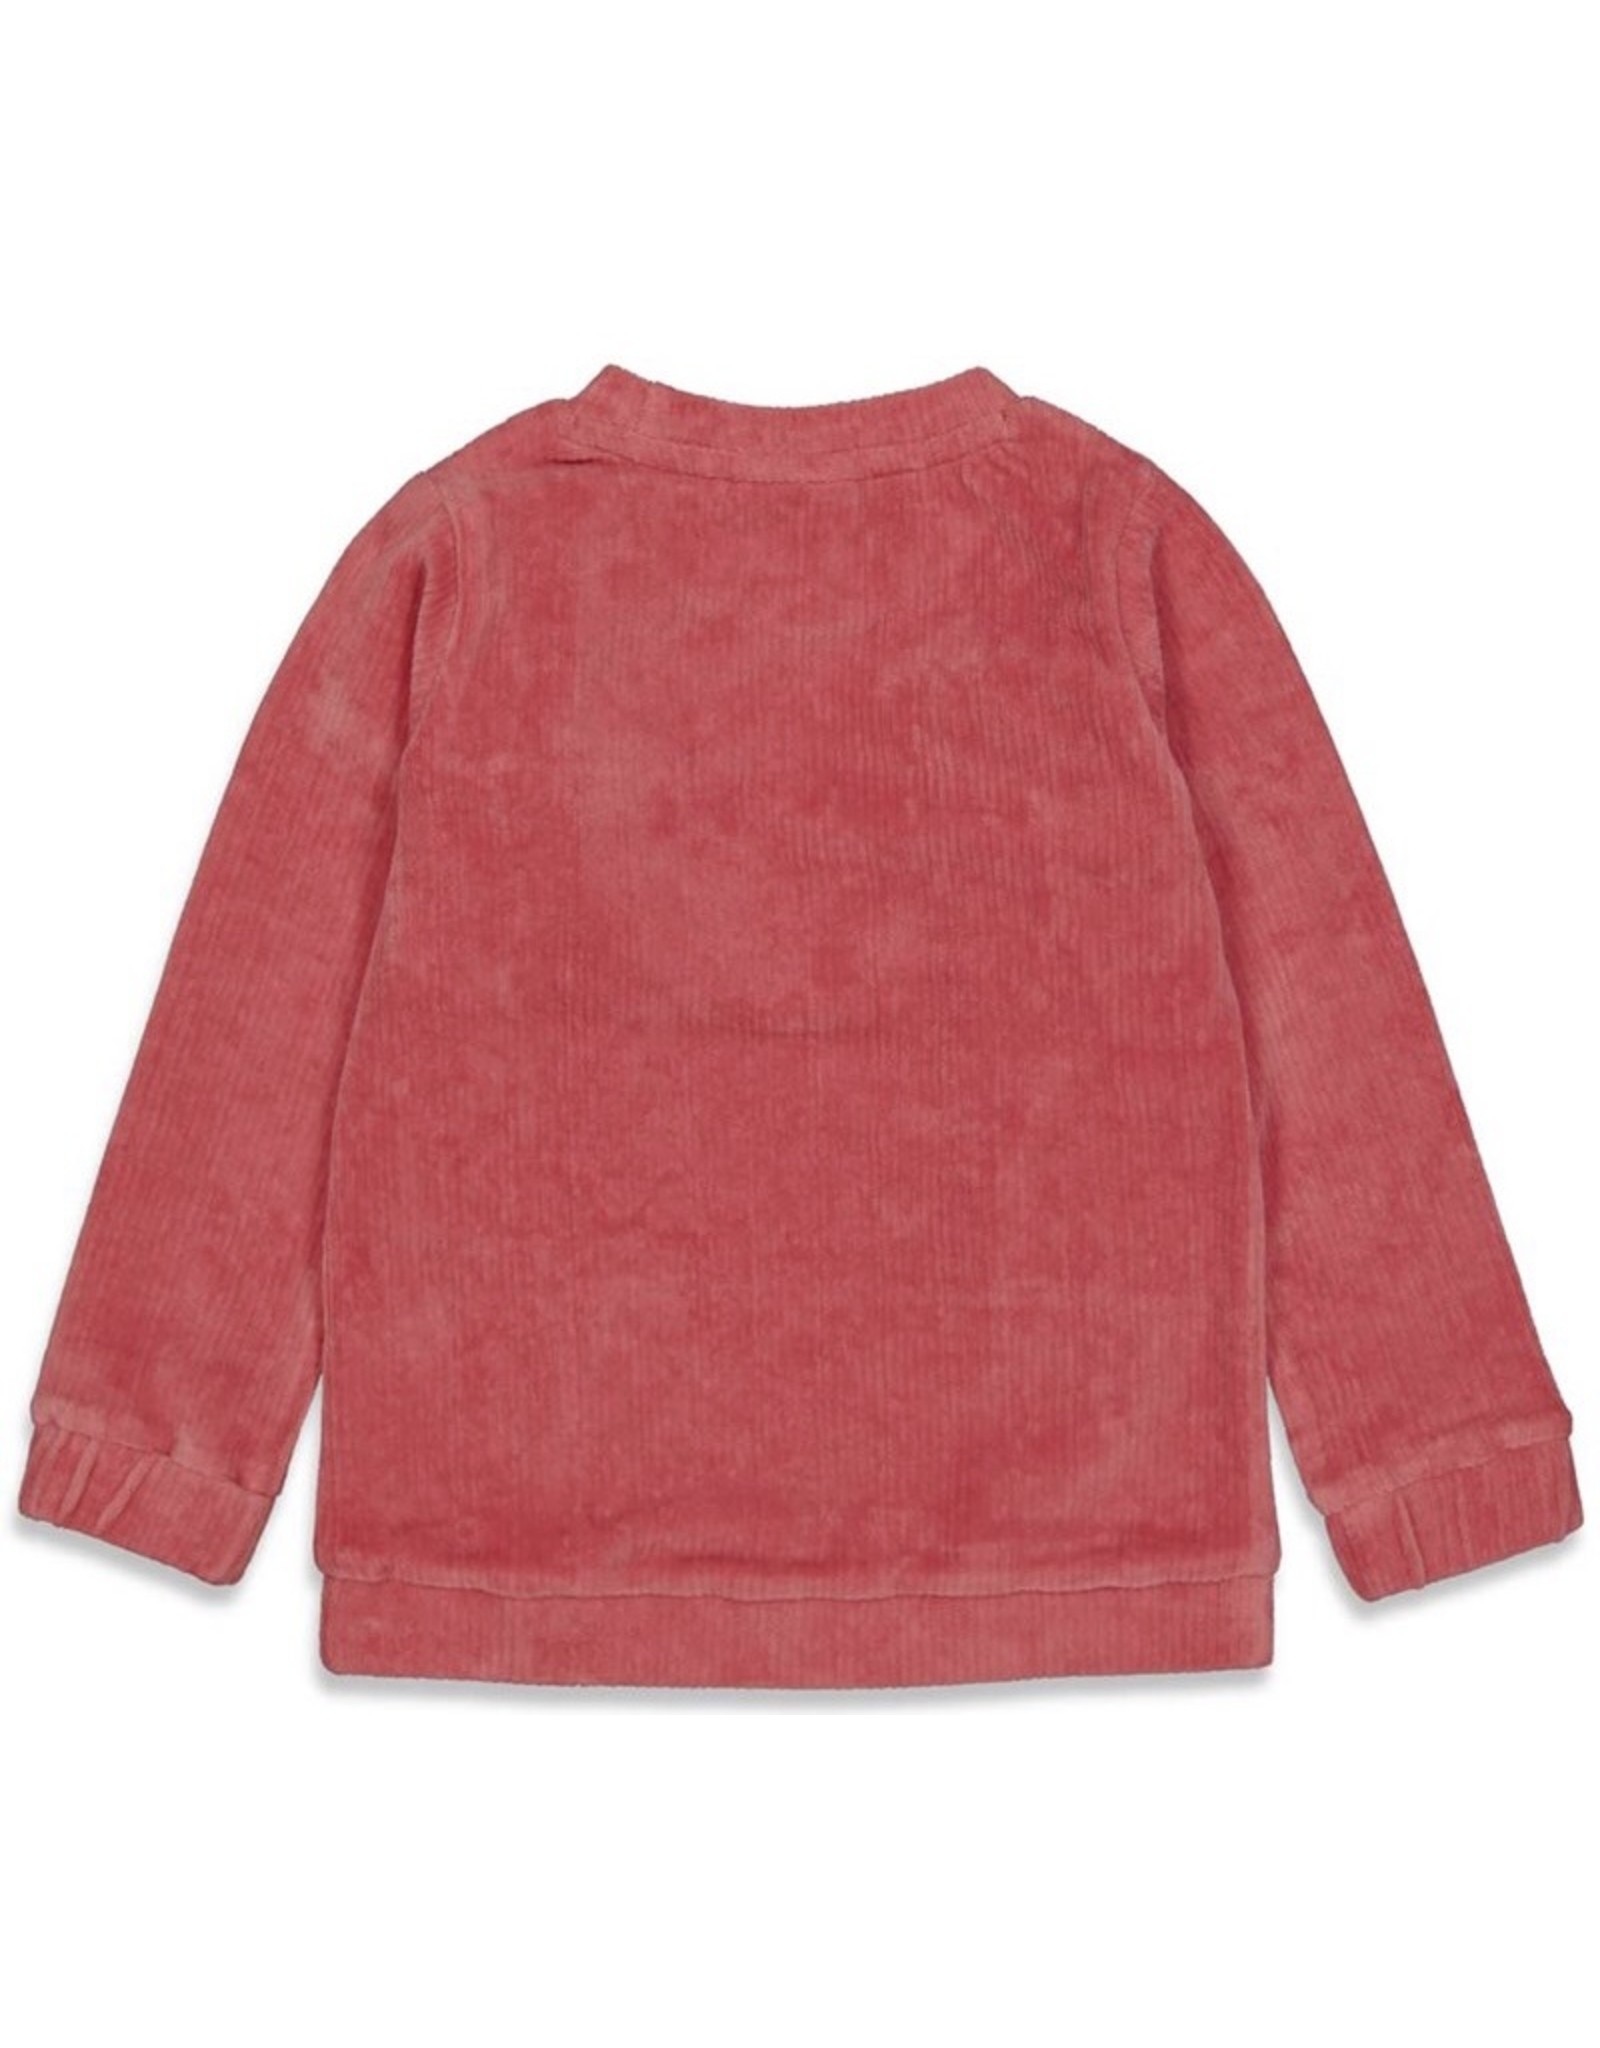 Jubel 91600300 Sweater